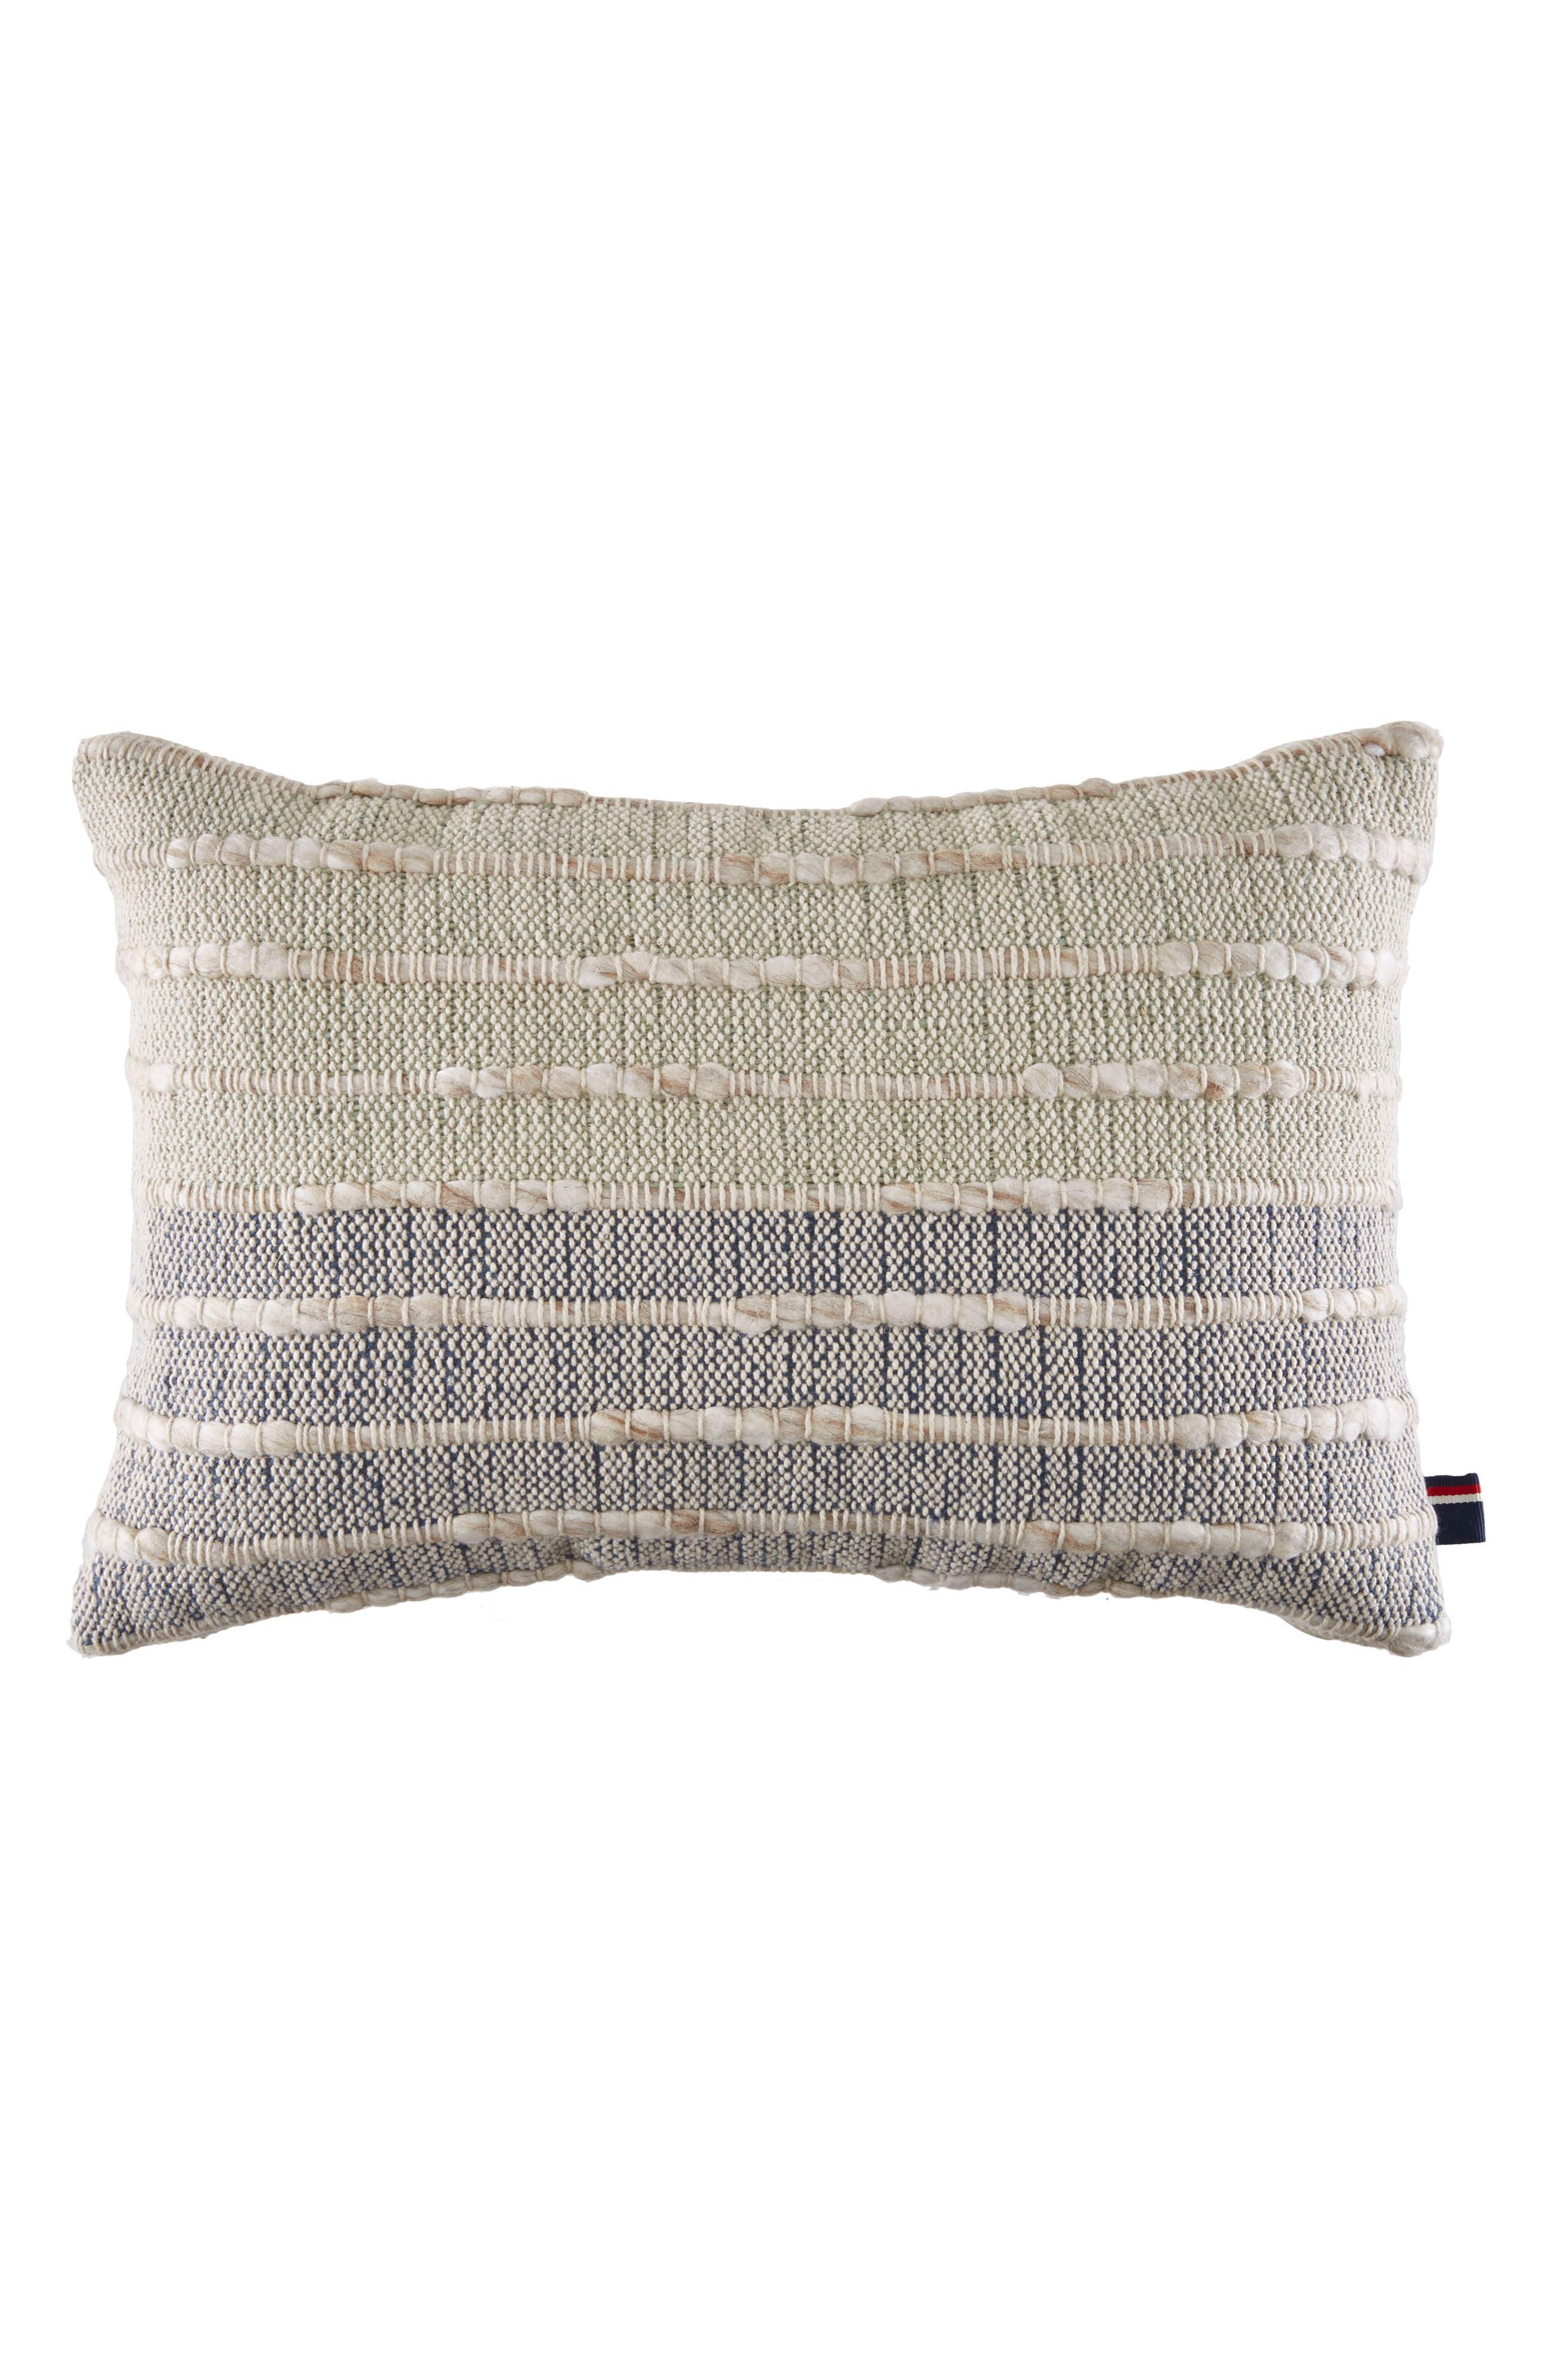 Ombré Indigo Accent Pillow,                         Main,                         color, Neutral/ Indigo